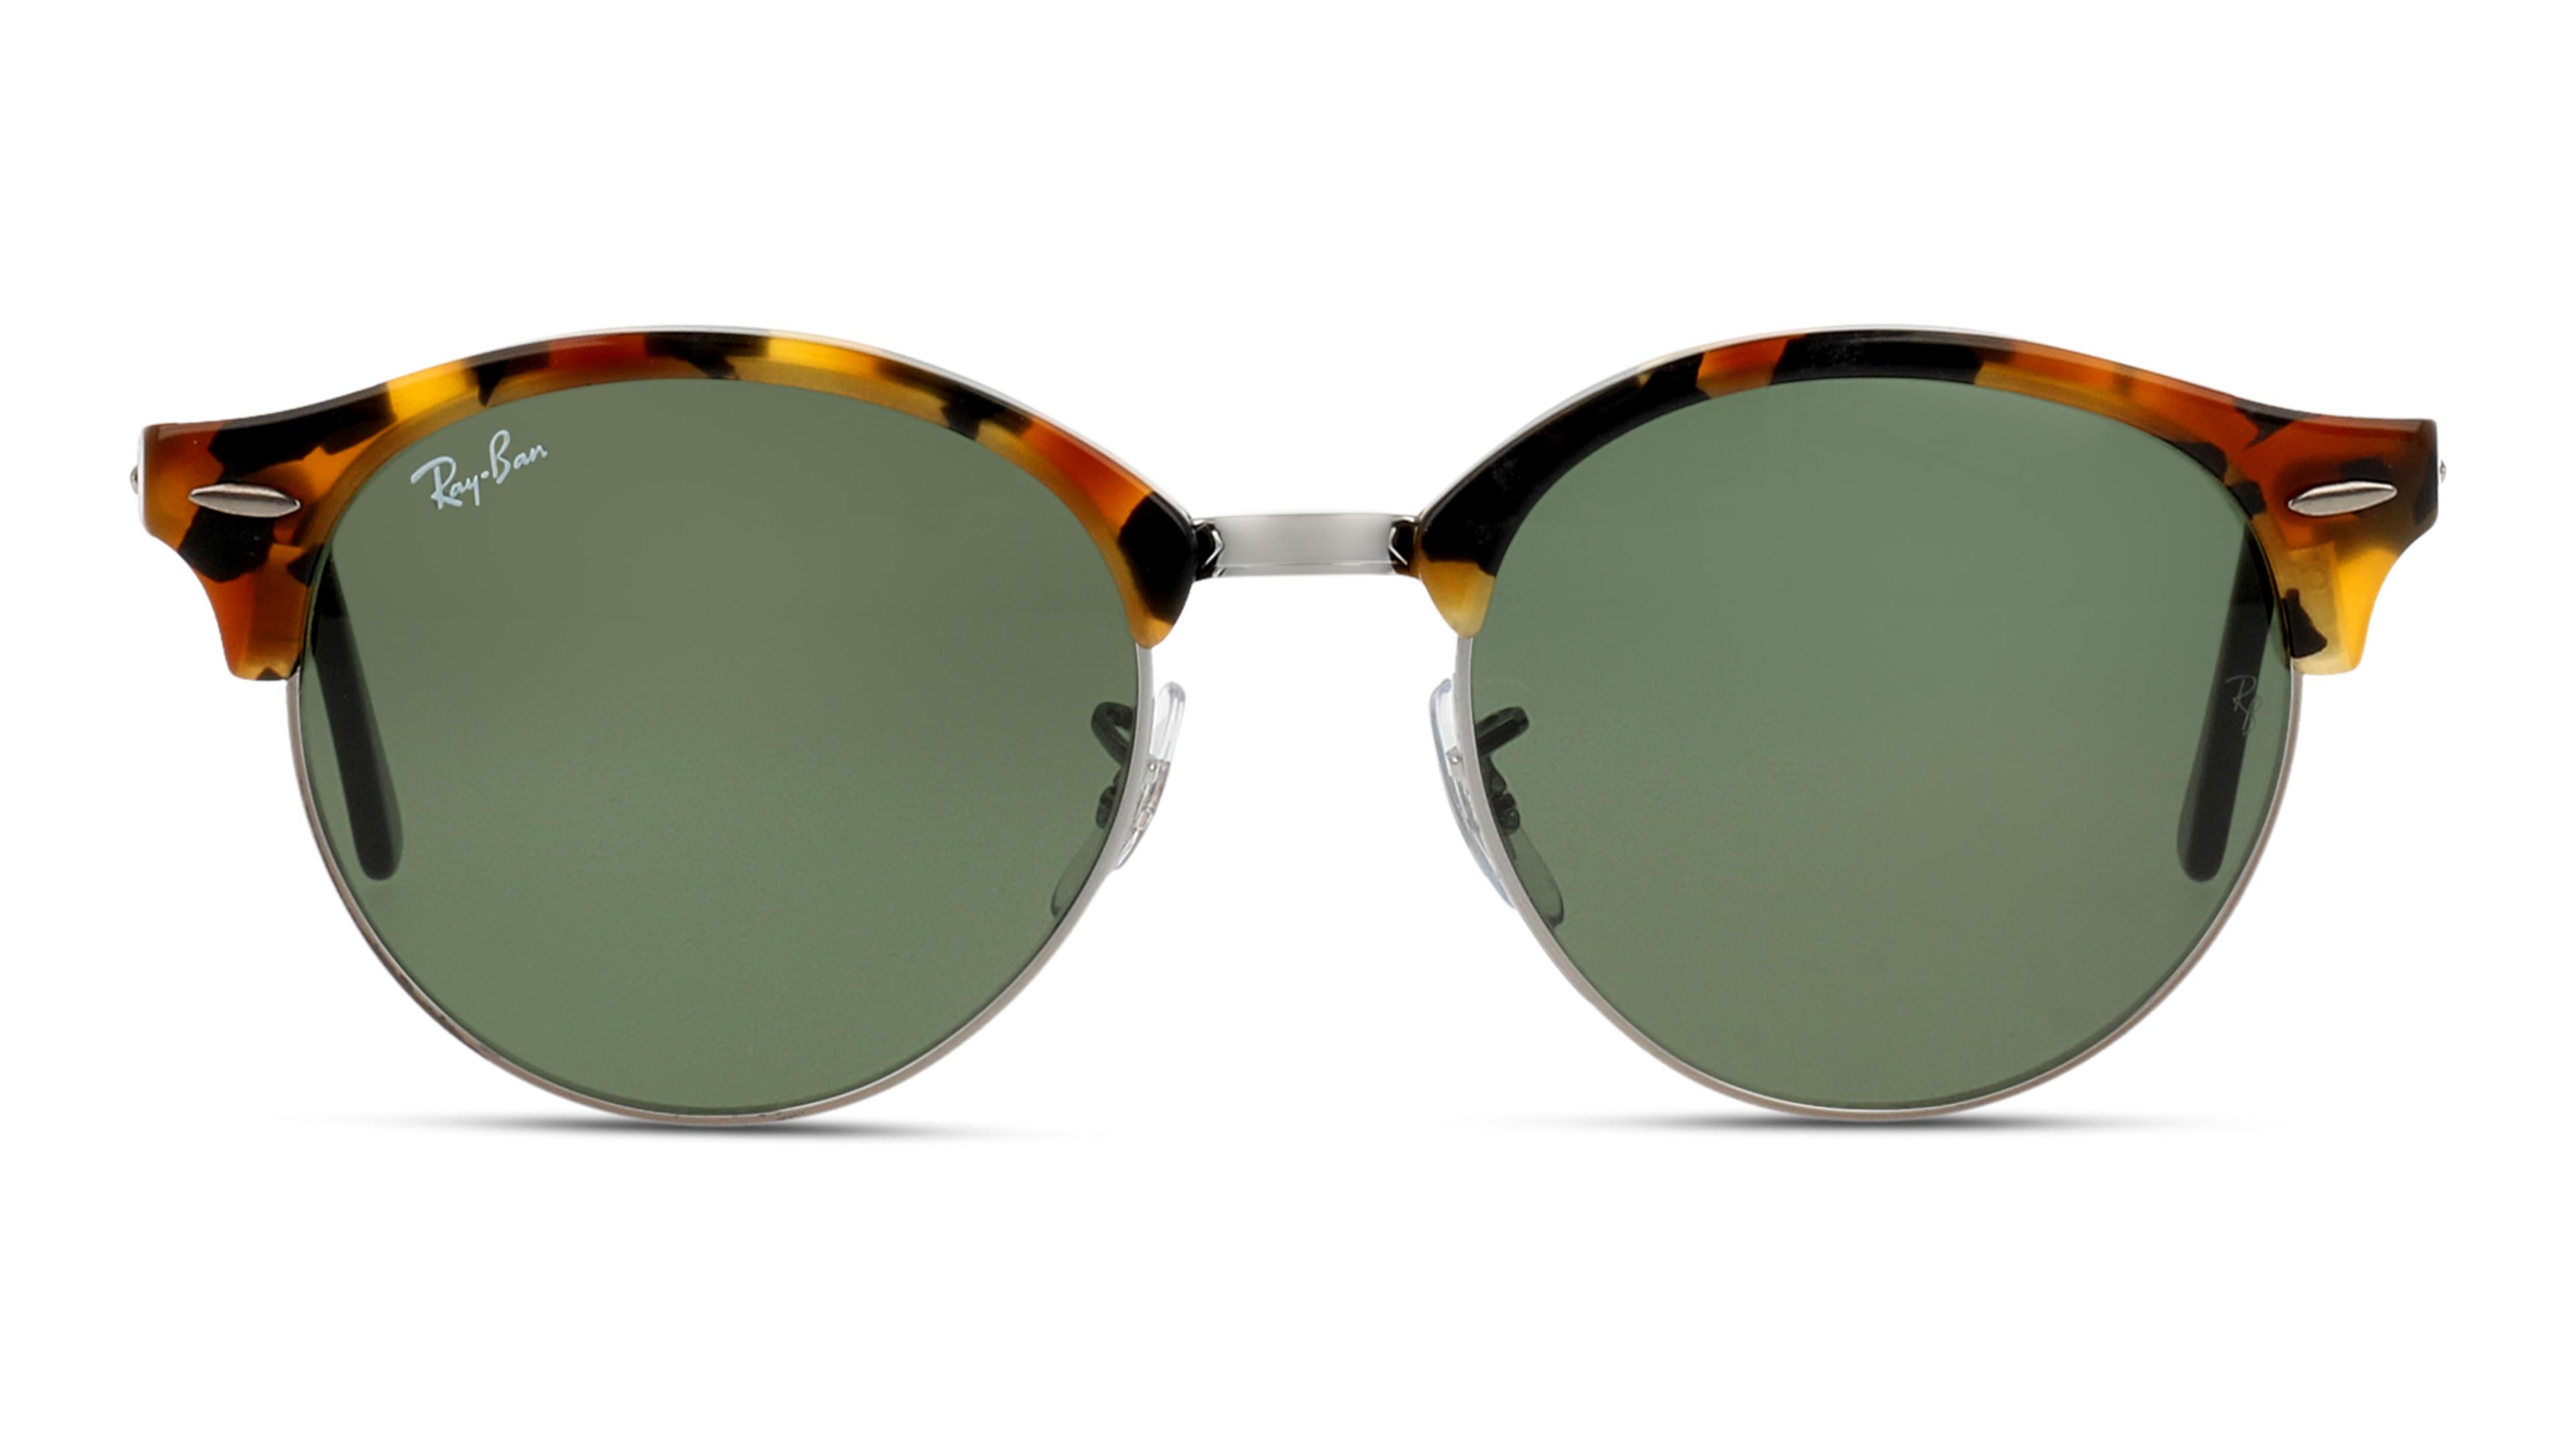 8053672559705-front-01-rayban-glasses-eyewear-pair